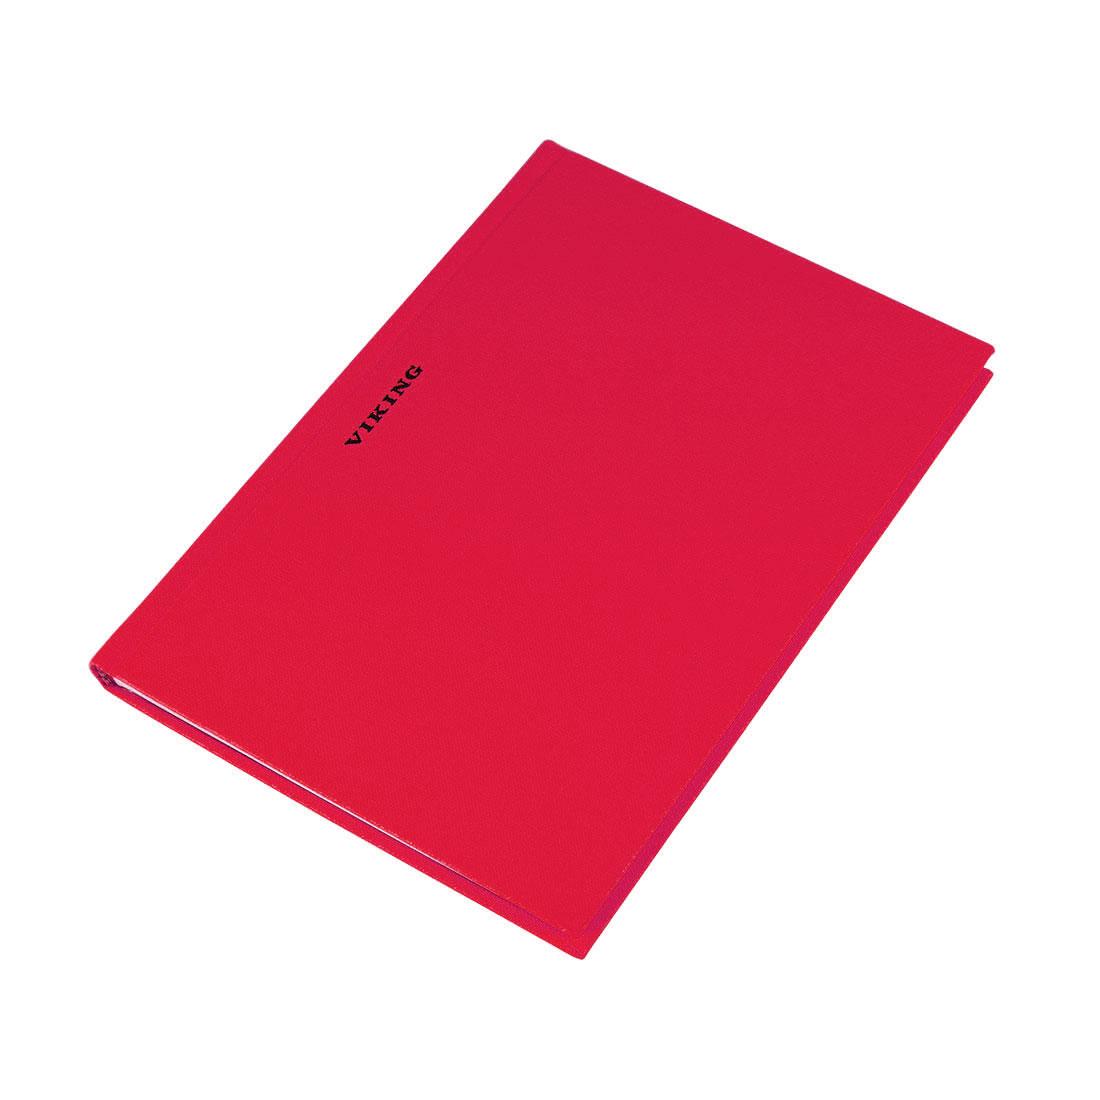 Viking Saga 105 - Red